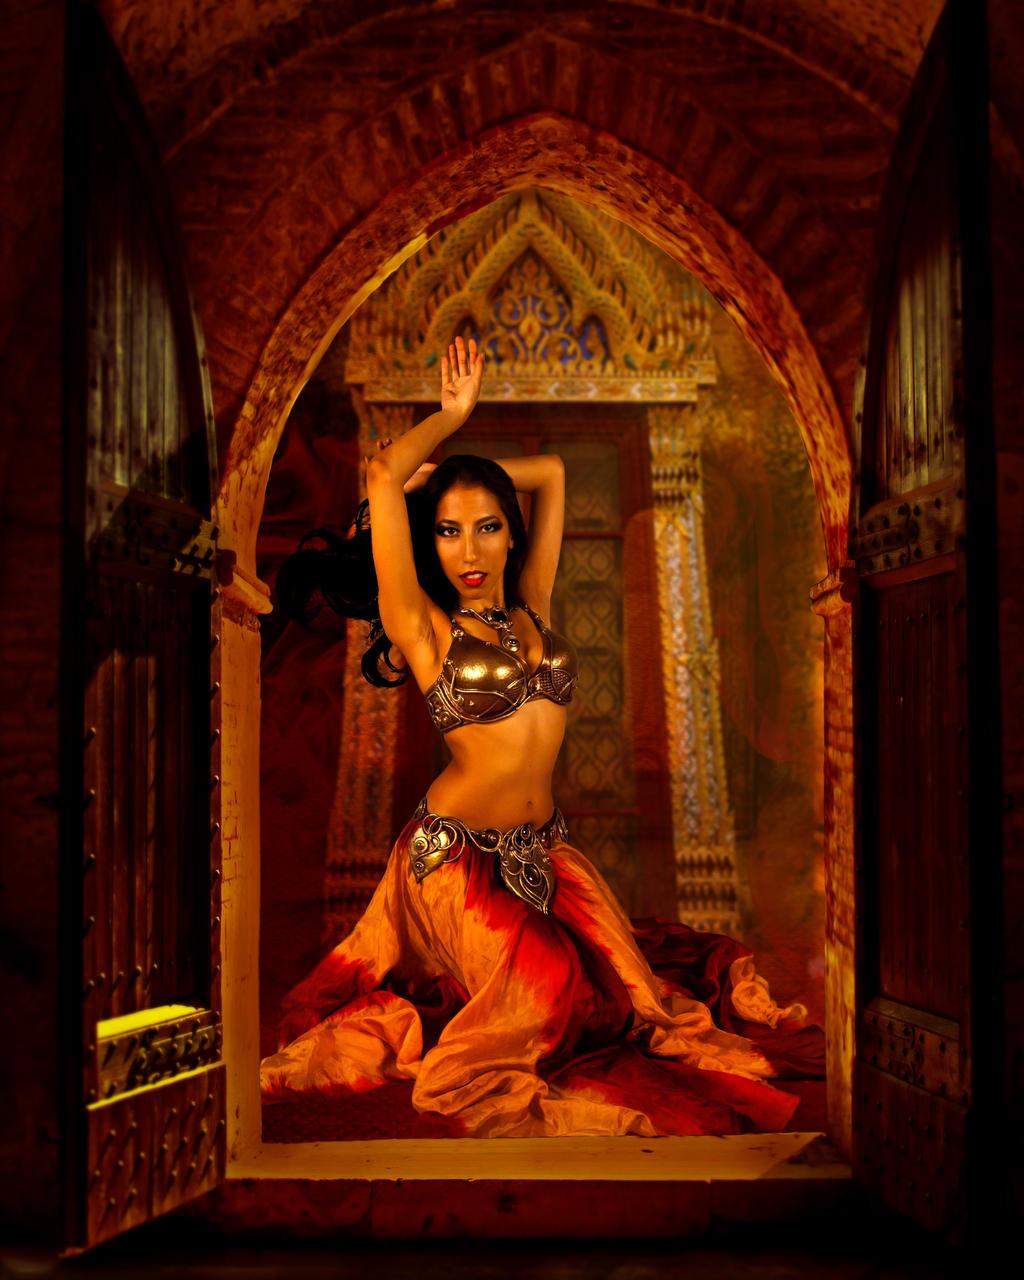 Harem slave erotic photo